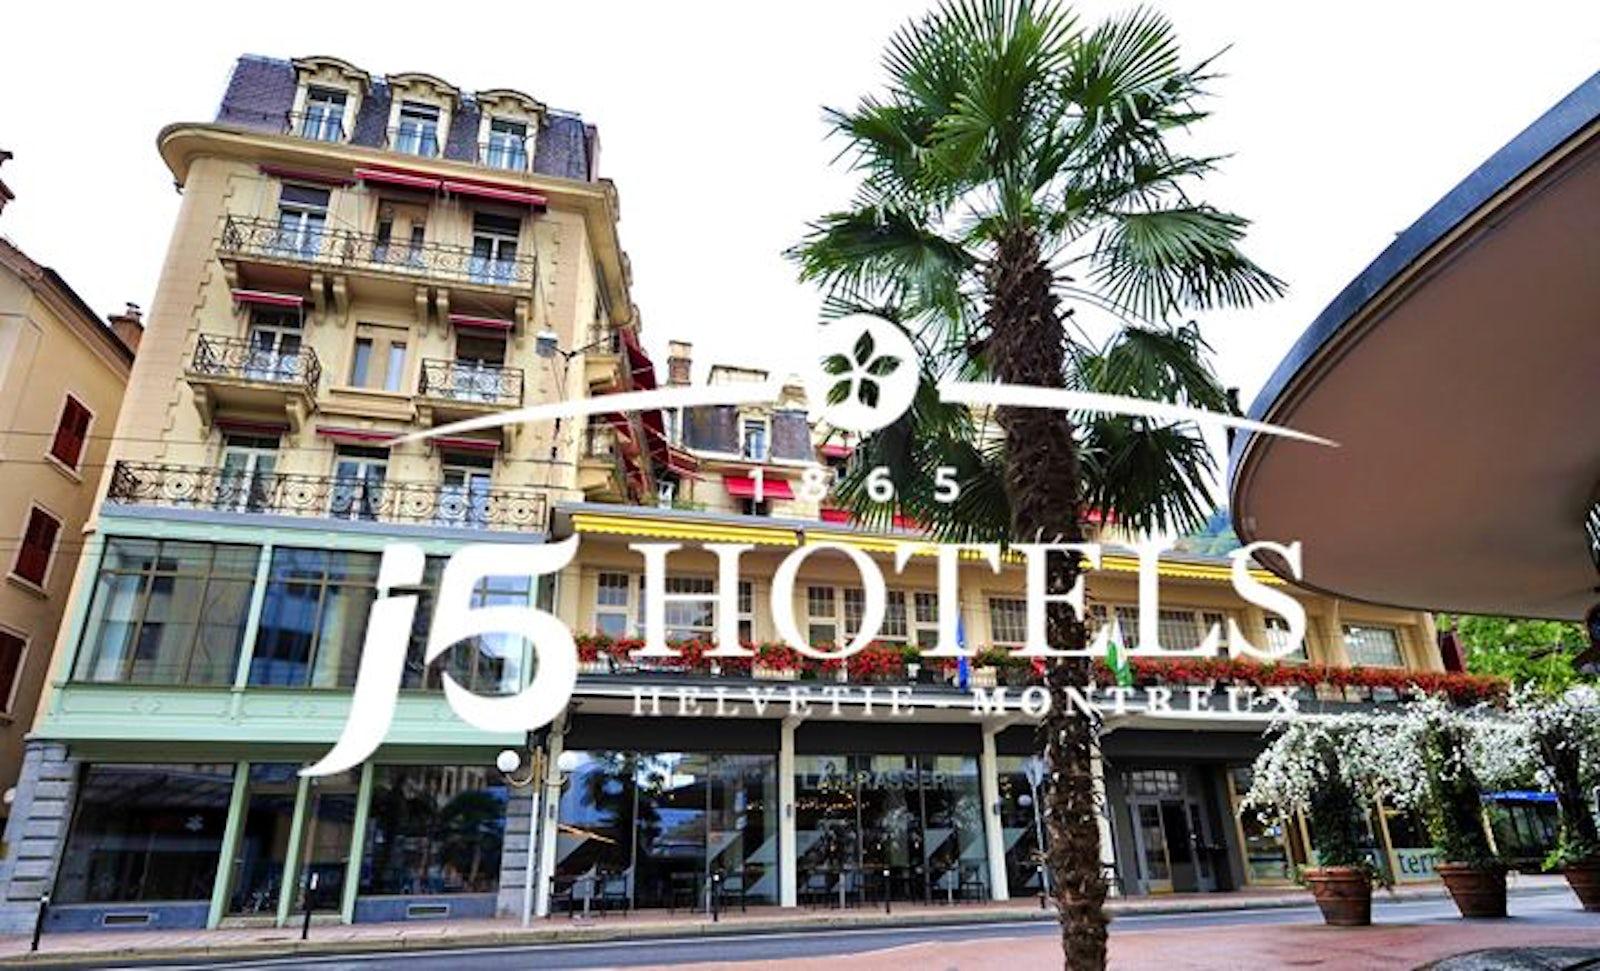 Hotel Helvetie Montreux